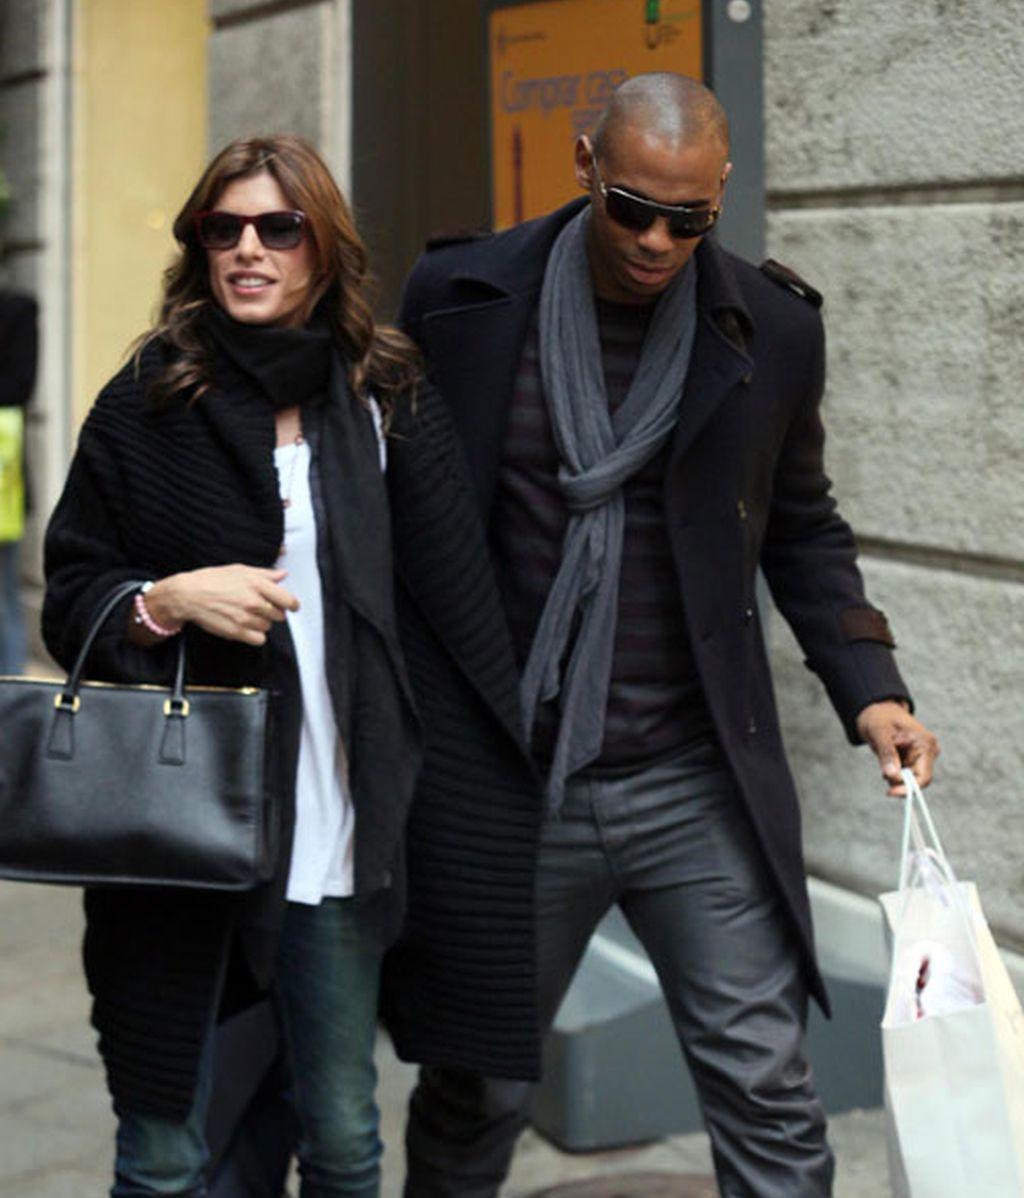 El amigo especial que sustituye a George Clooney en la vida de Elisabetta Canalis